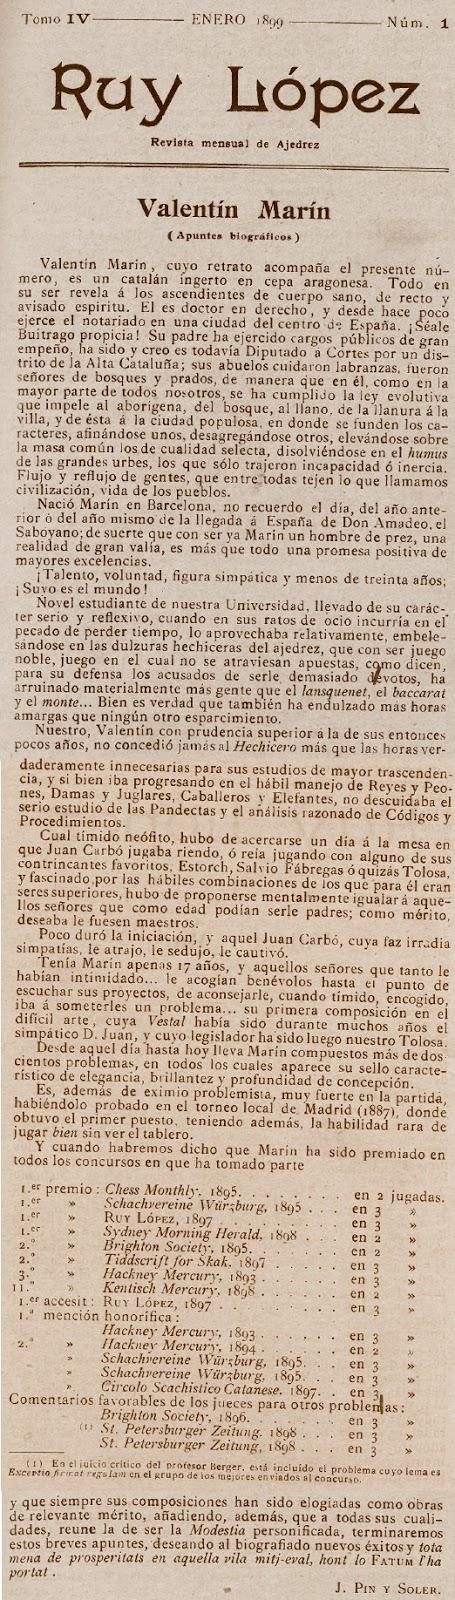 Artículo sobre Valentín Marín en la revista Ruy López, nº 1 - enero 1899